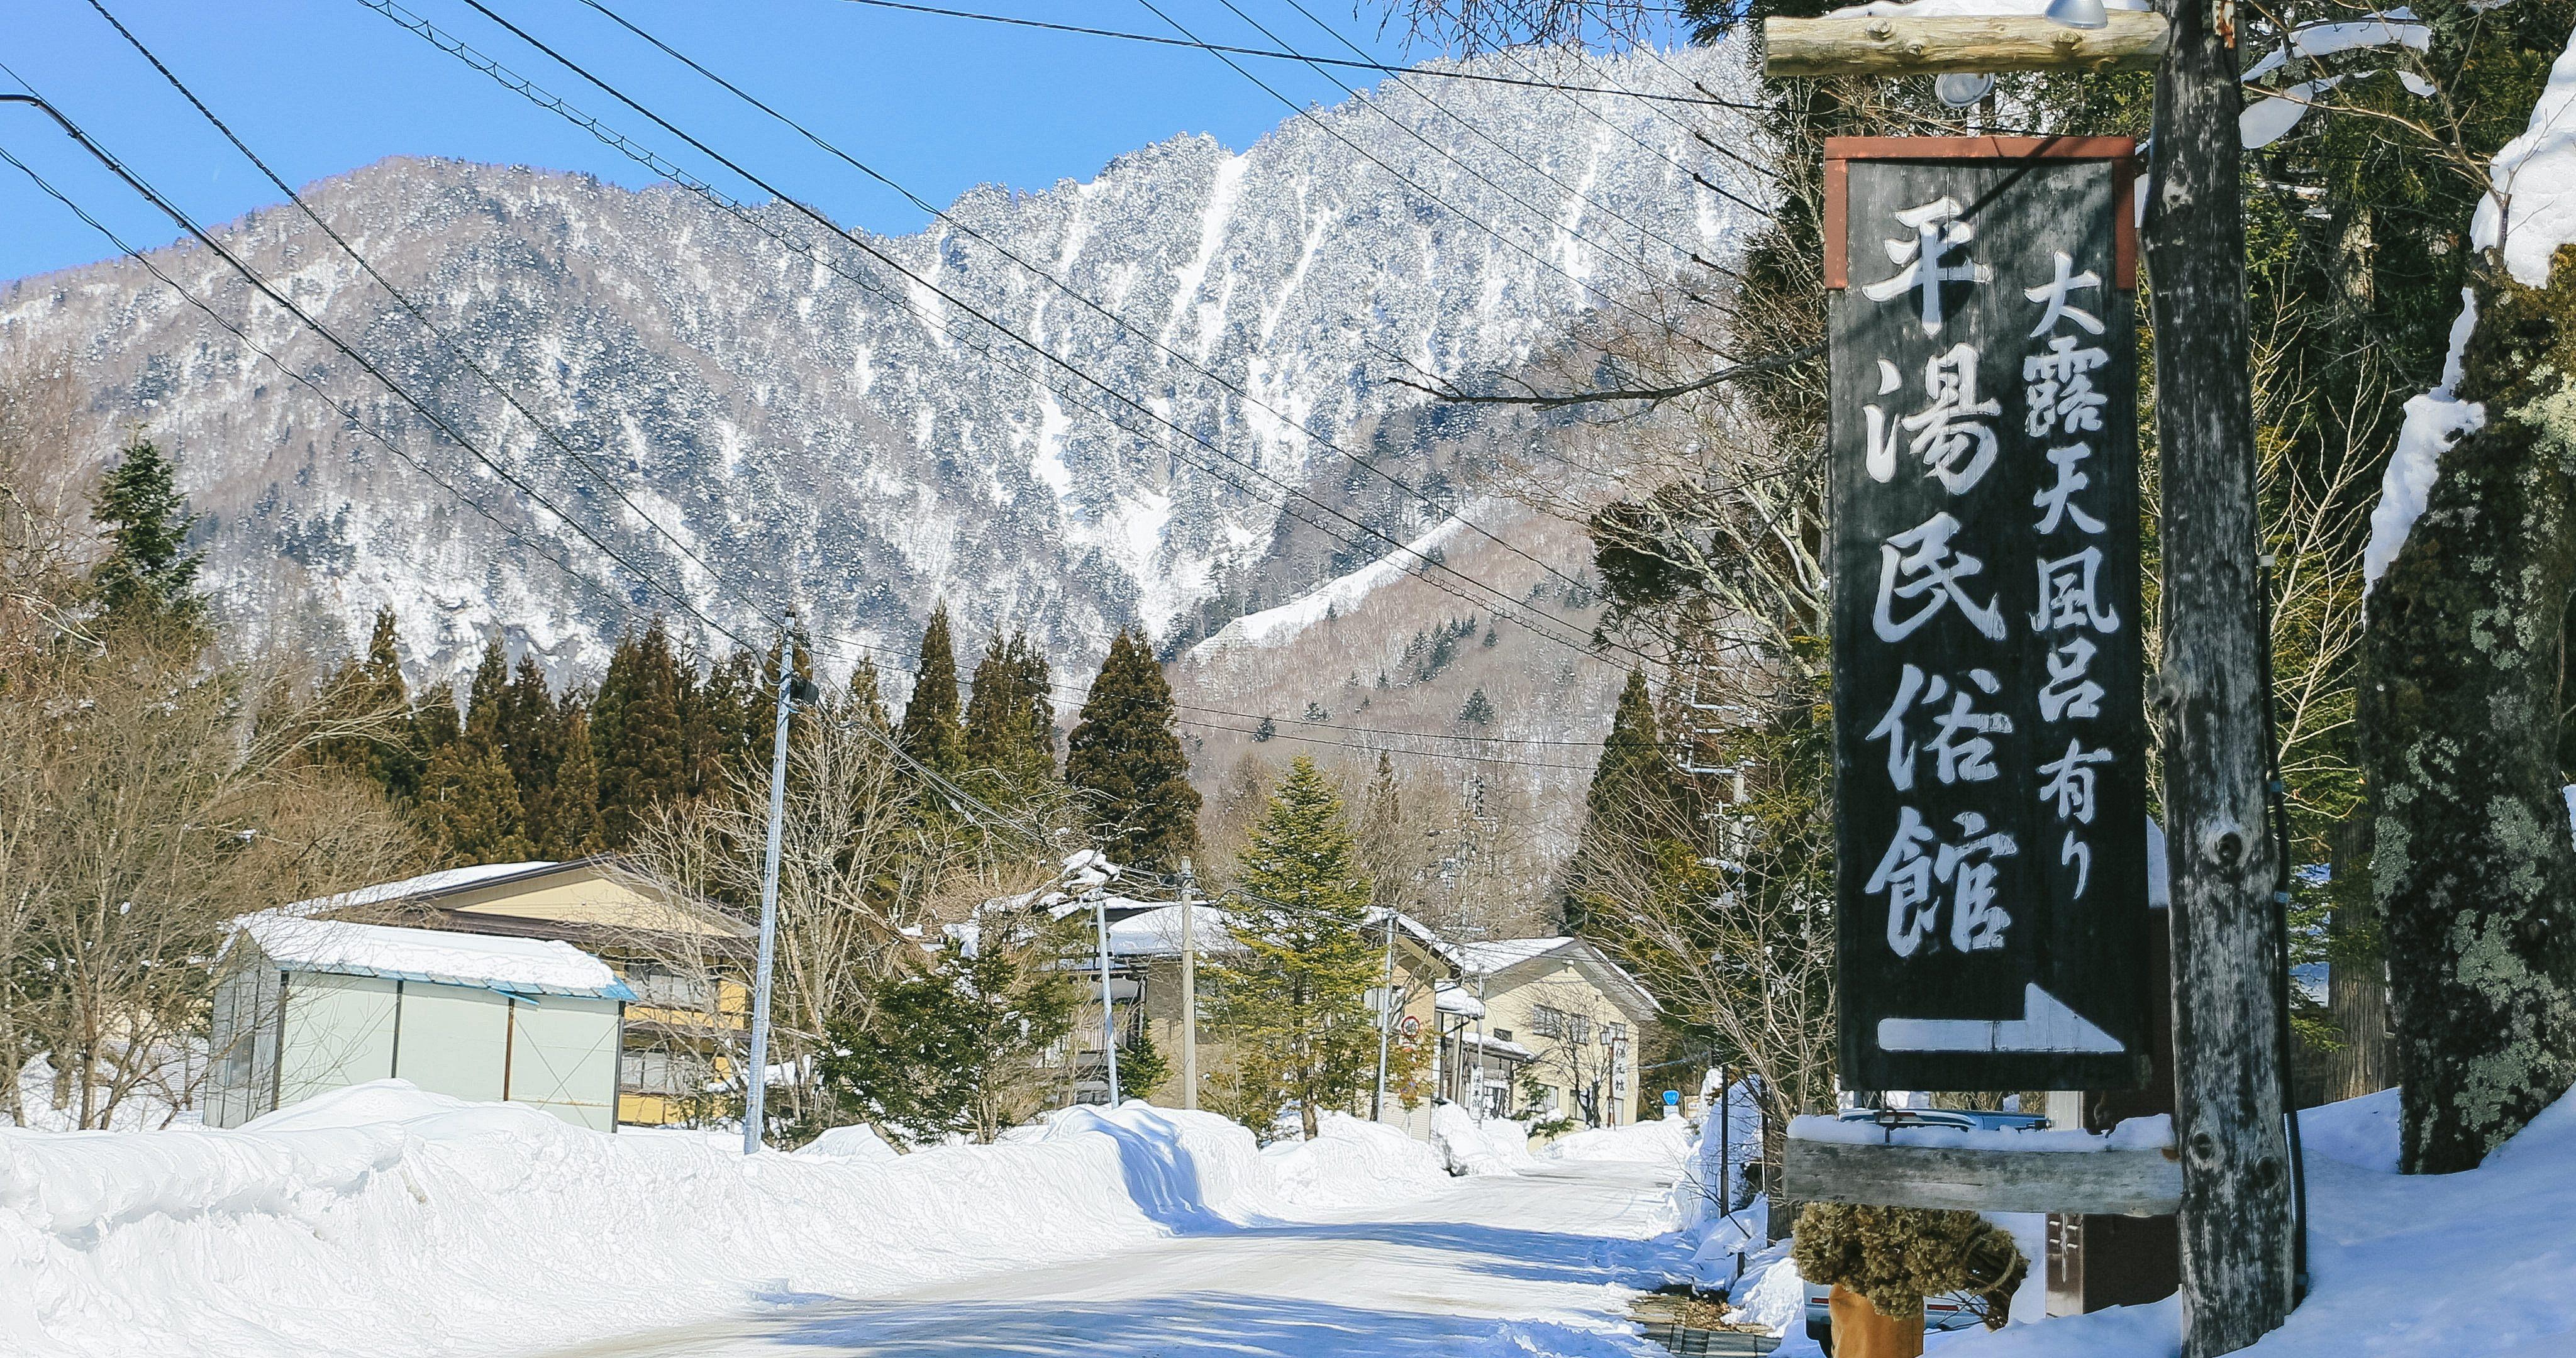 飛騨山脈に囲まれた雪深い温泉地平湯温泉の民俗館